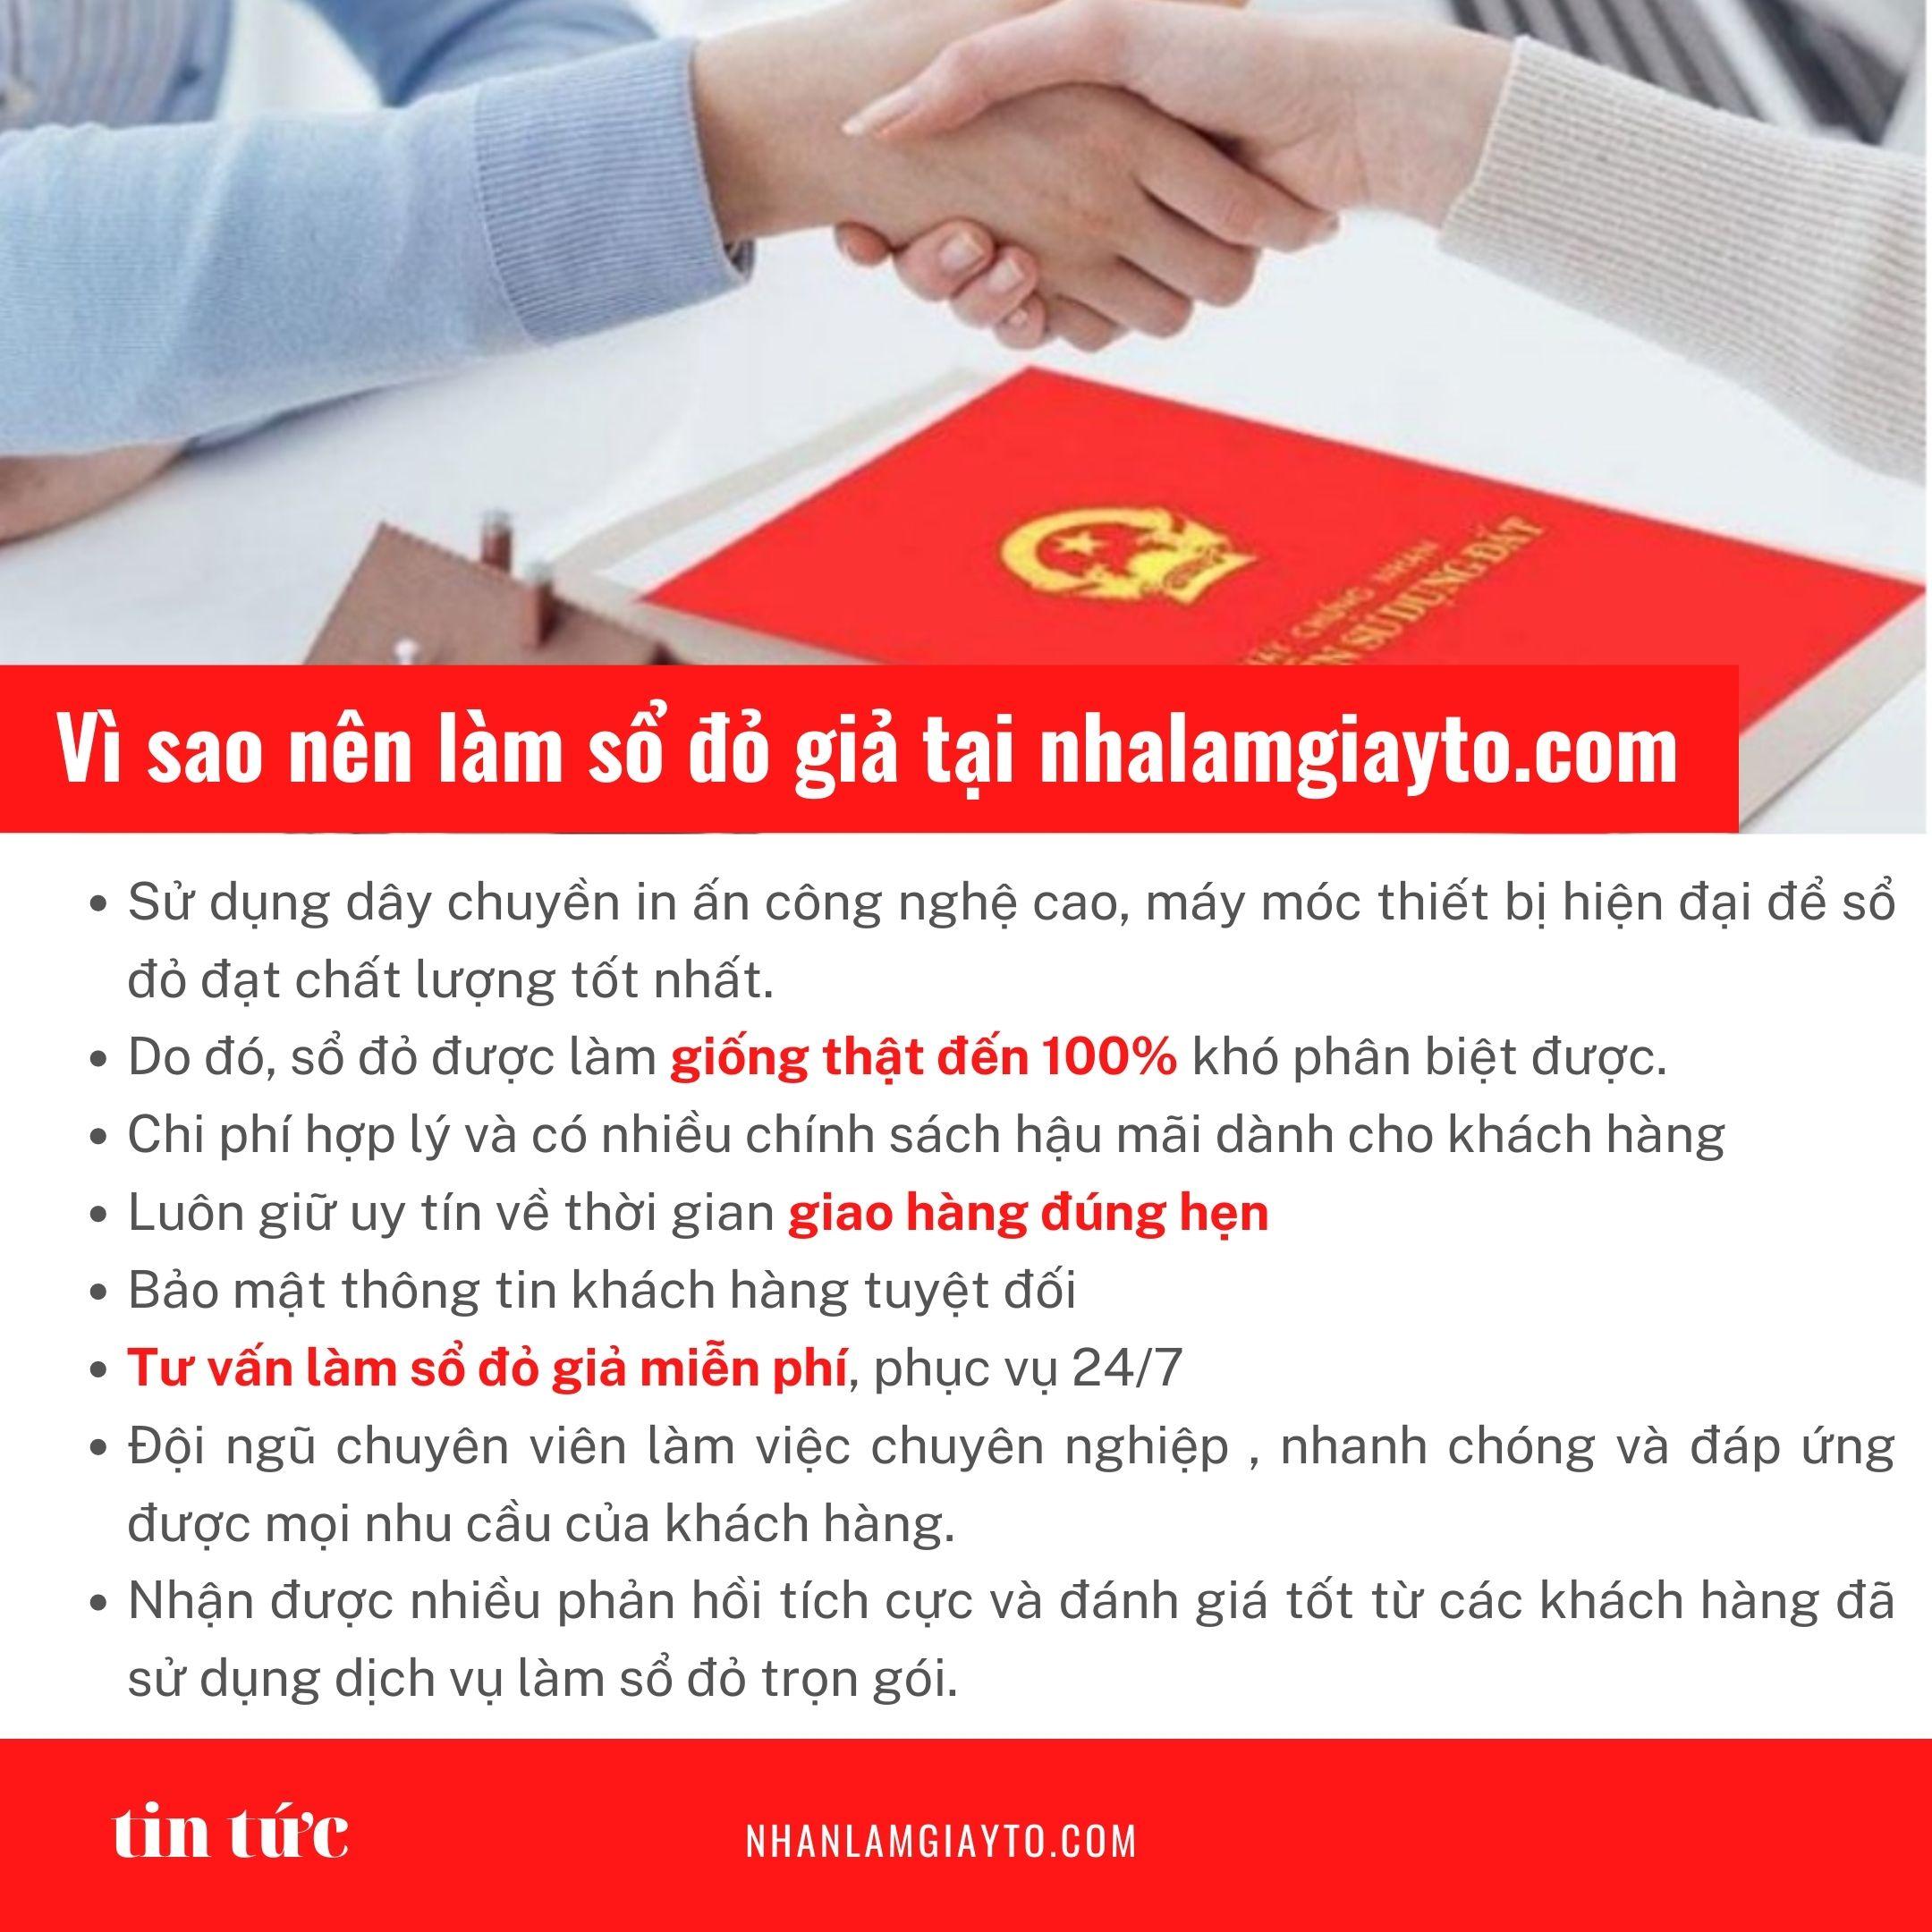 quy trình và thủ tục làm sổ đỏ giả tại nhanlamgiayto.com